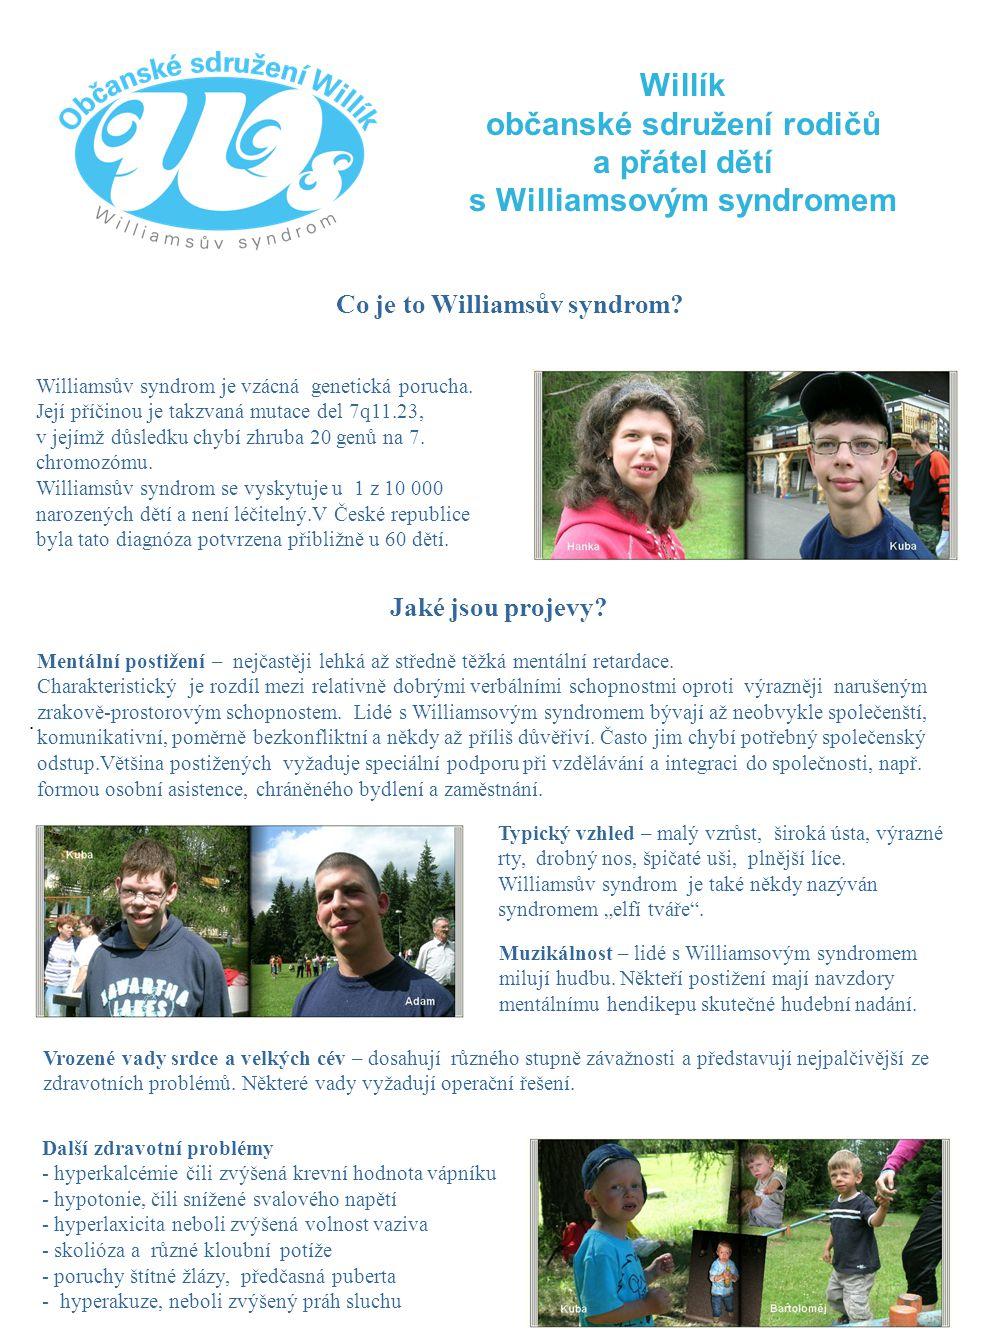 Willík občanské sdružení rodičů a přátel dětí s Williamsovým syndromem Co je to Williamsův syndrom? Williamsův syndrom je vzácná genetická porucha. Je